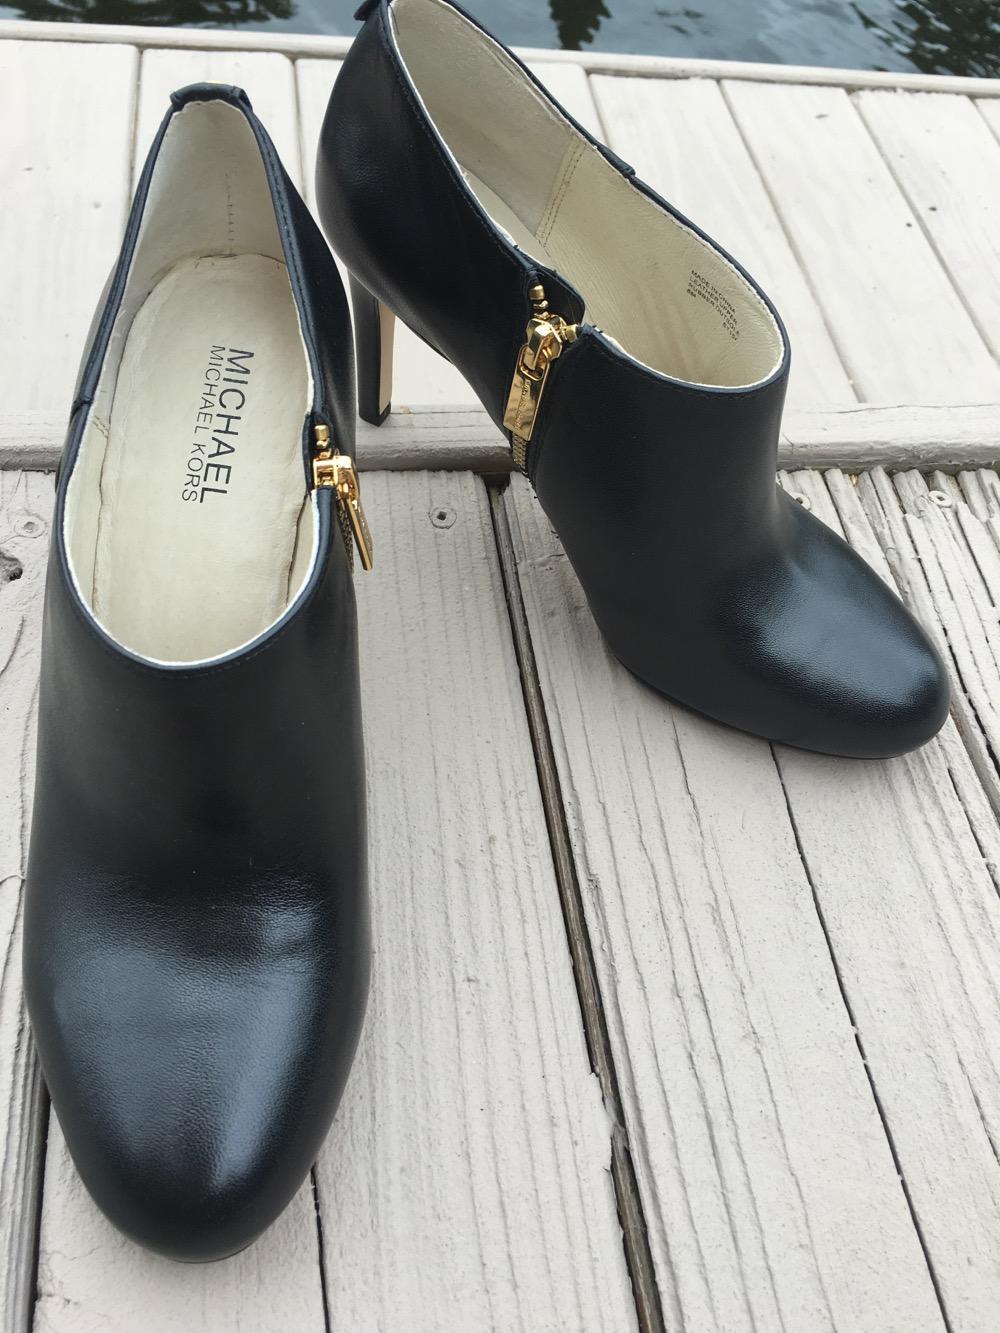 Kenkäostokset ja mitä kenkiä meille tulee